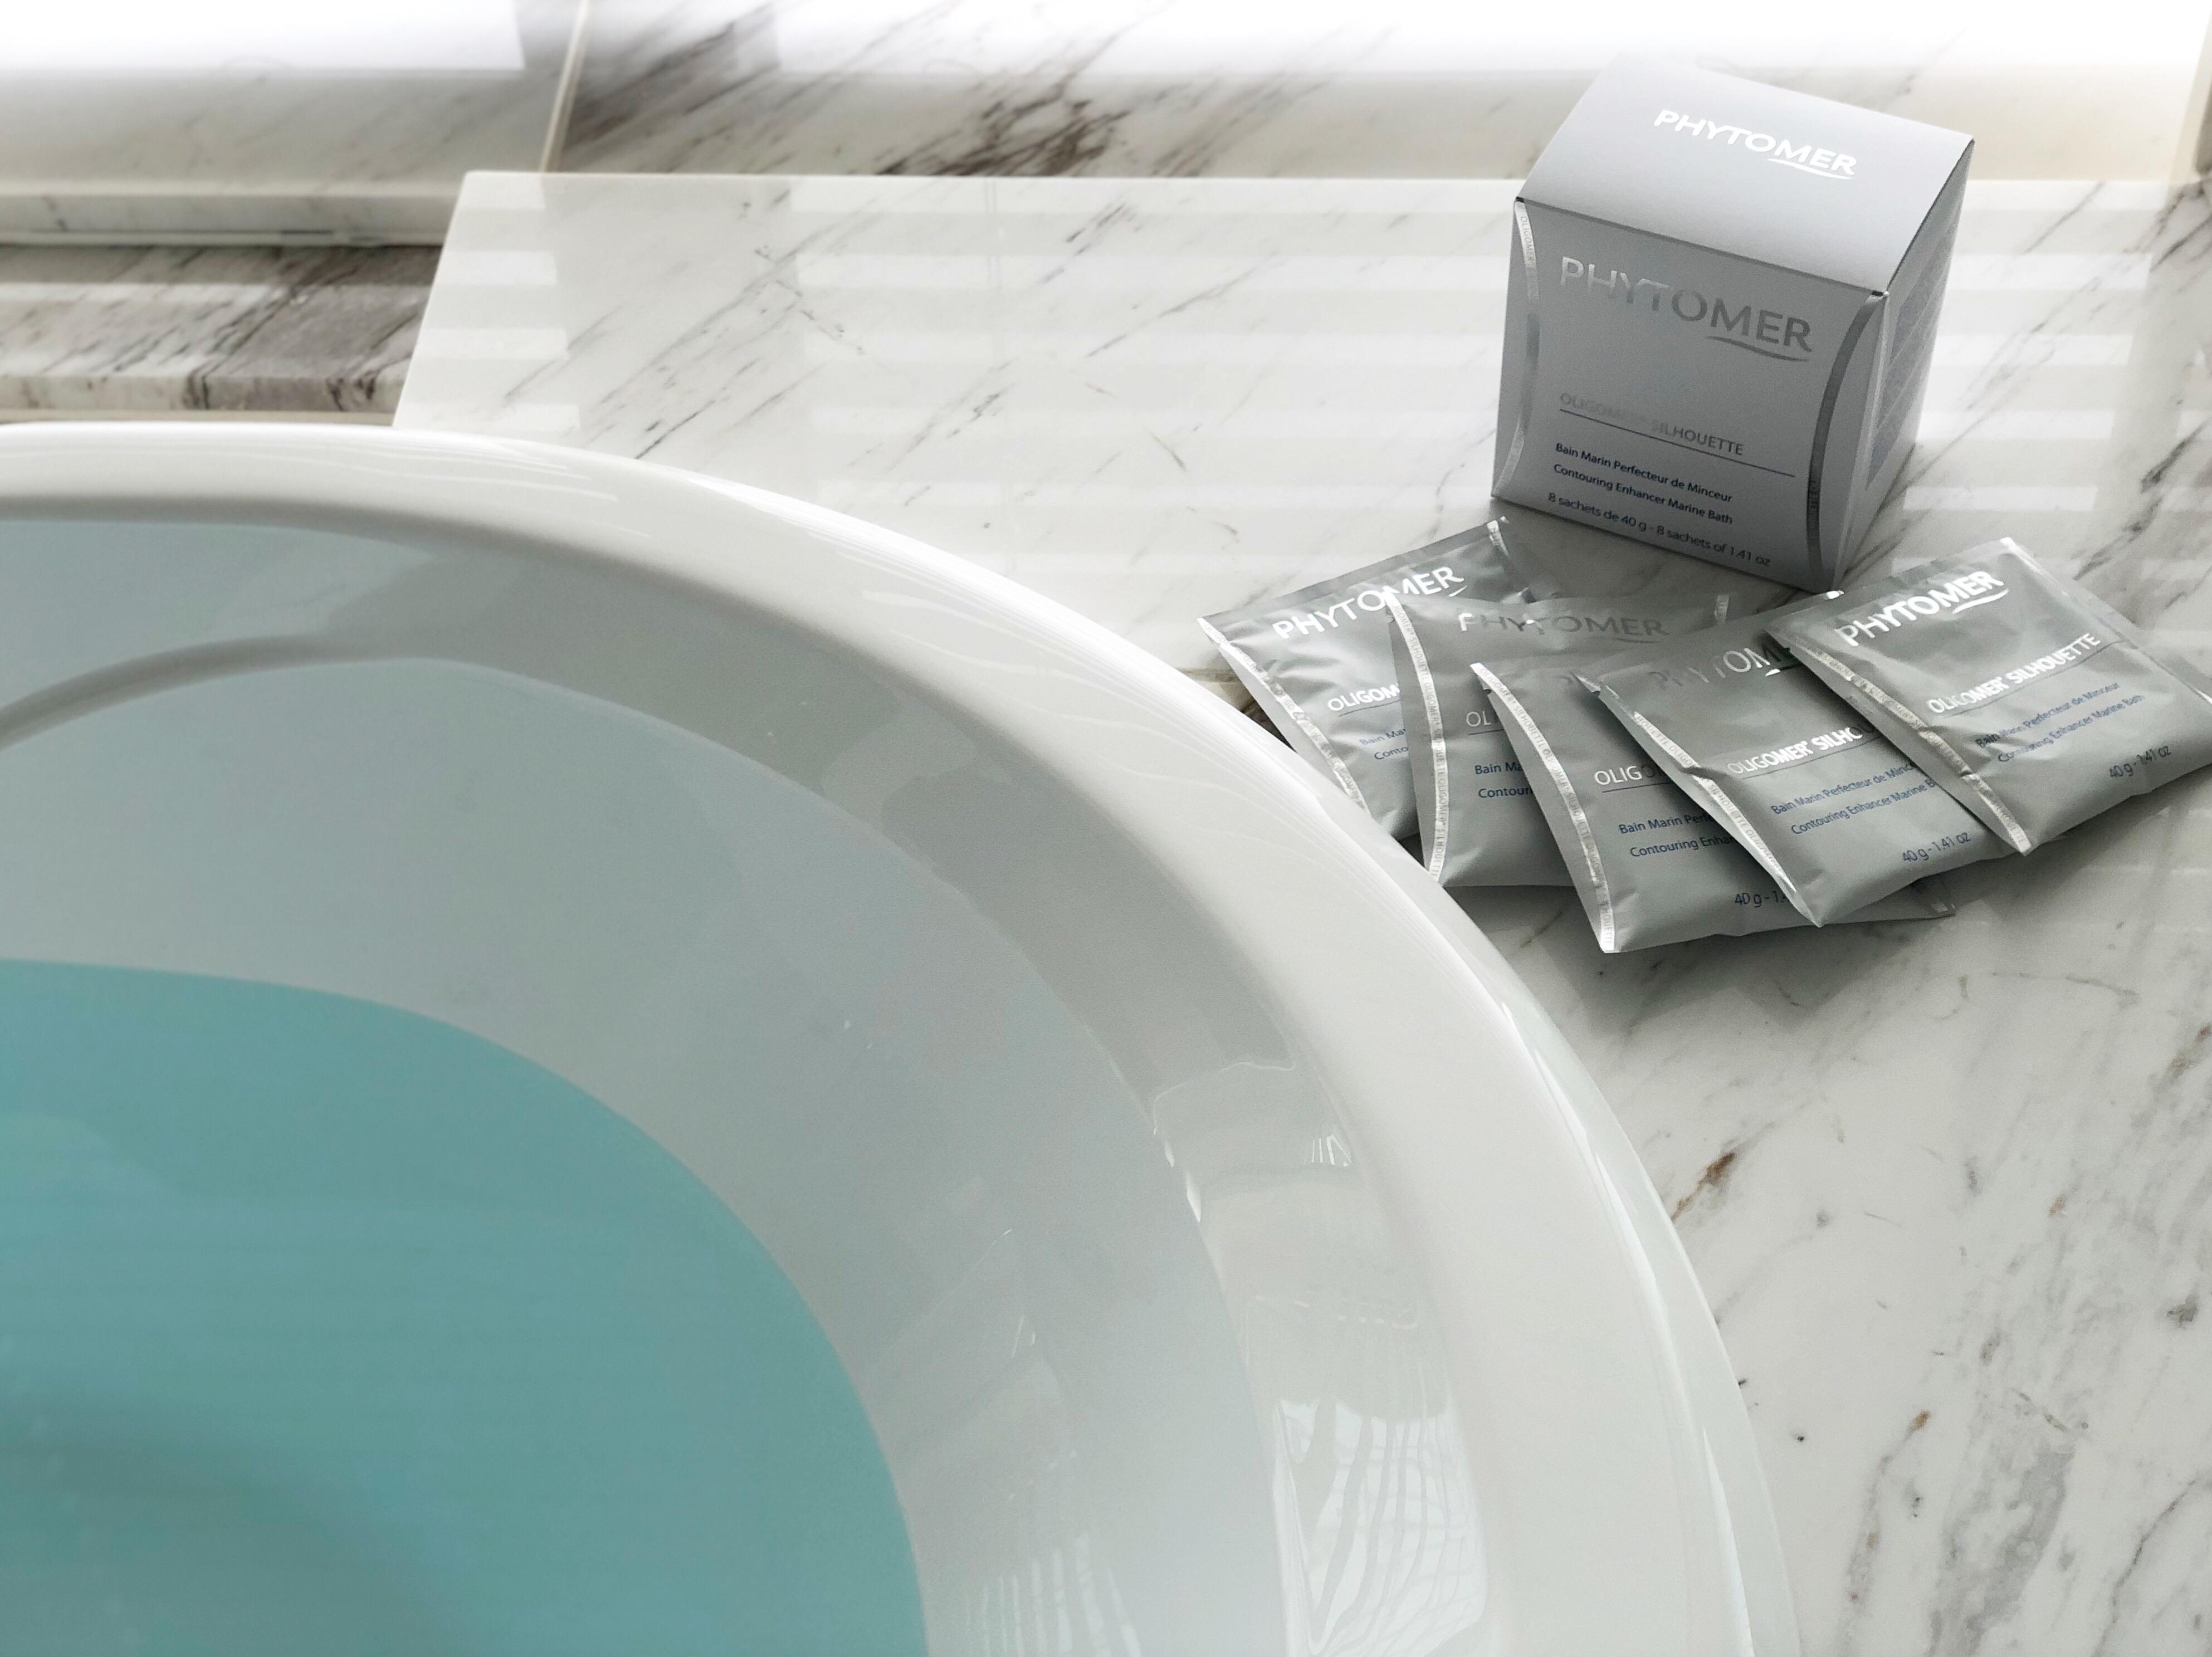 芸能人愛用者多数!オリゴメールの入浴料ってそんなにすごいのか?